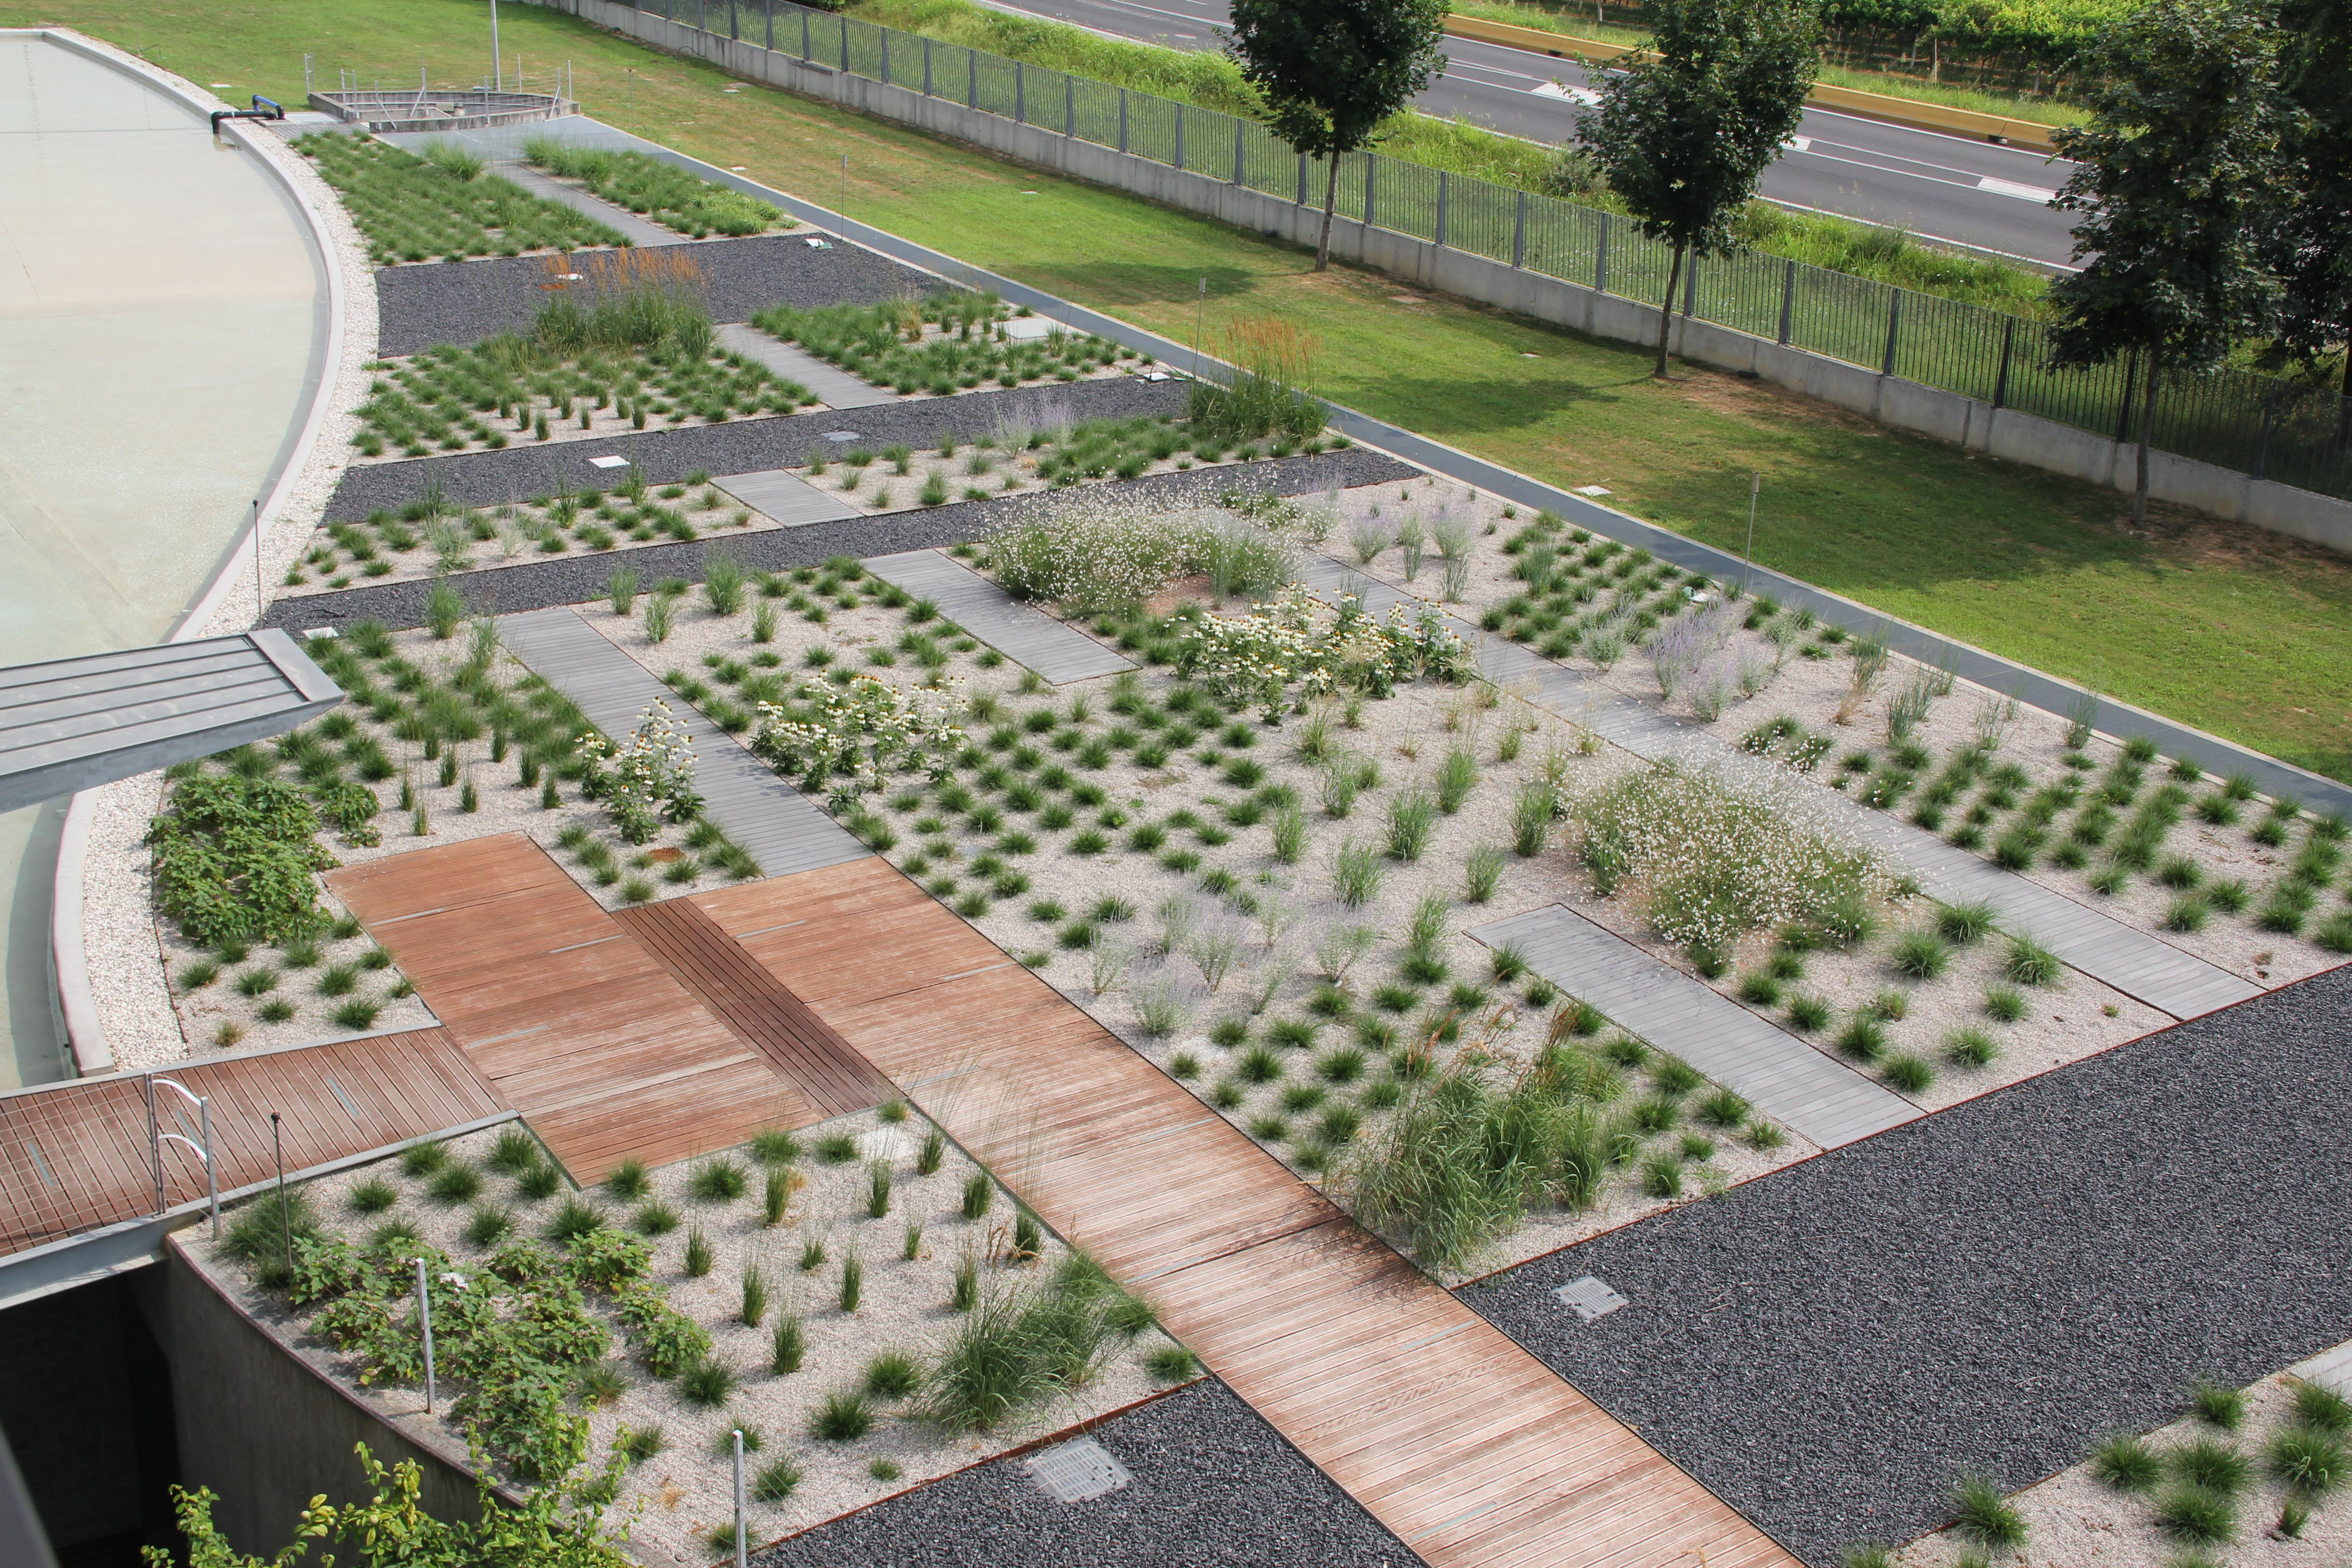 la scenografia vegetativa si sta improntando dopo sei mesi dall'impianto.